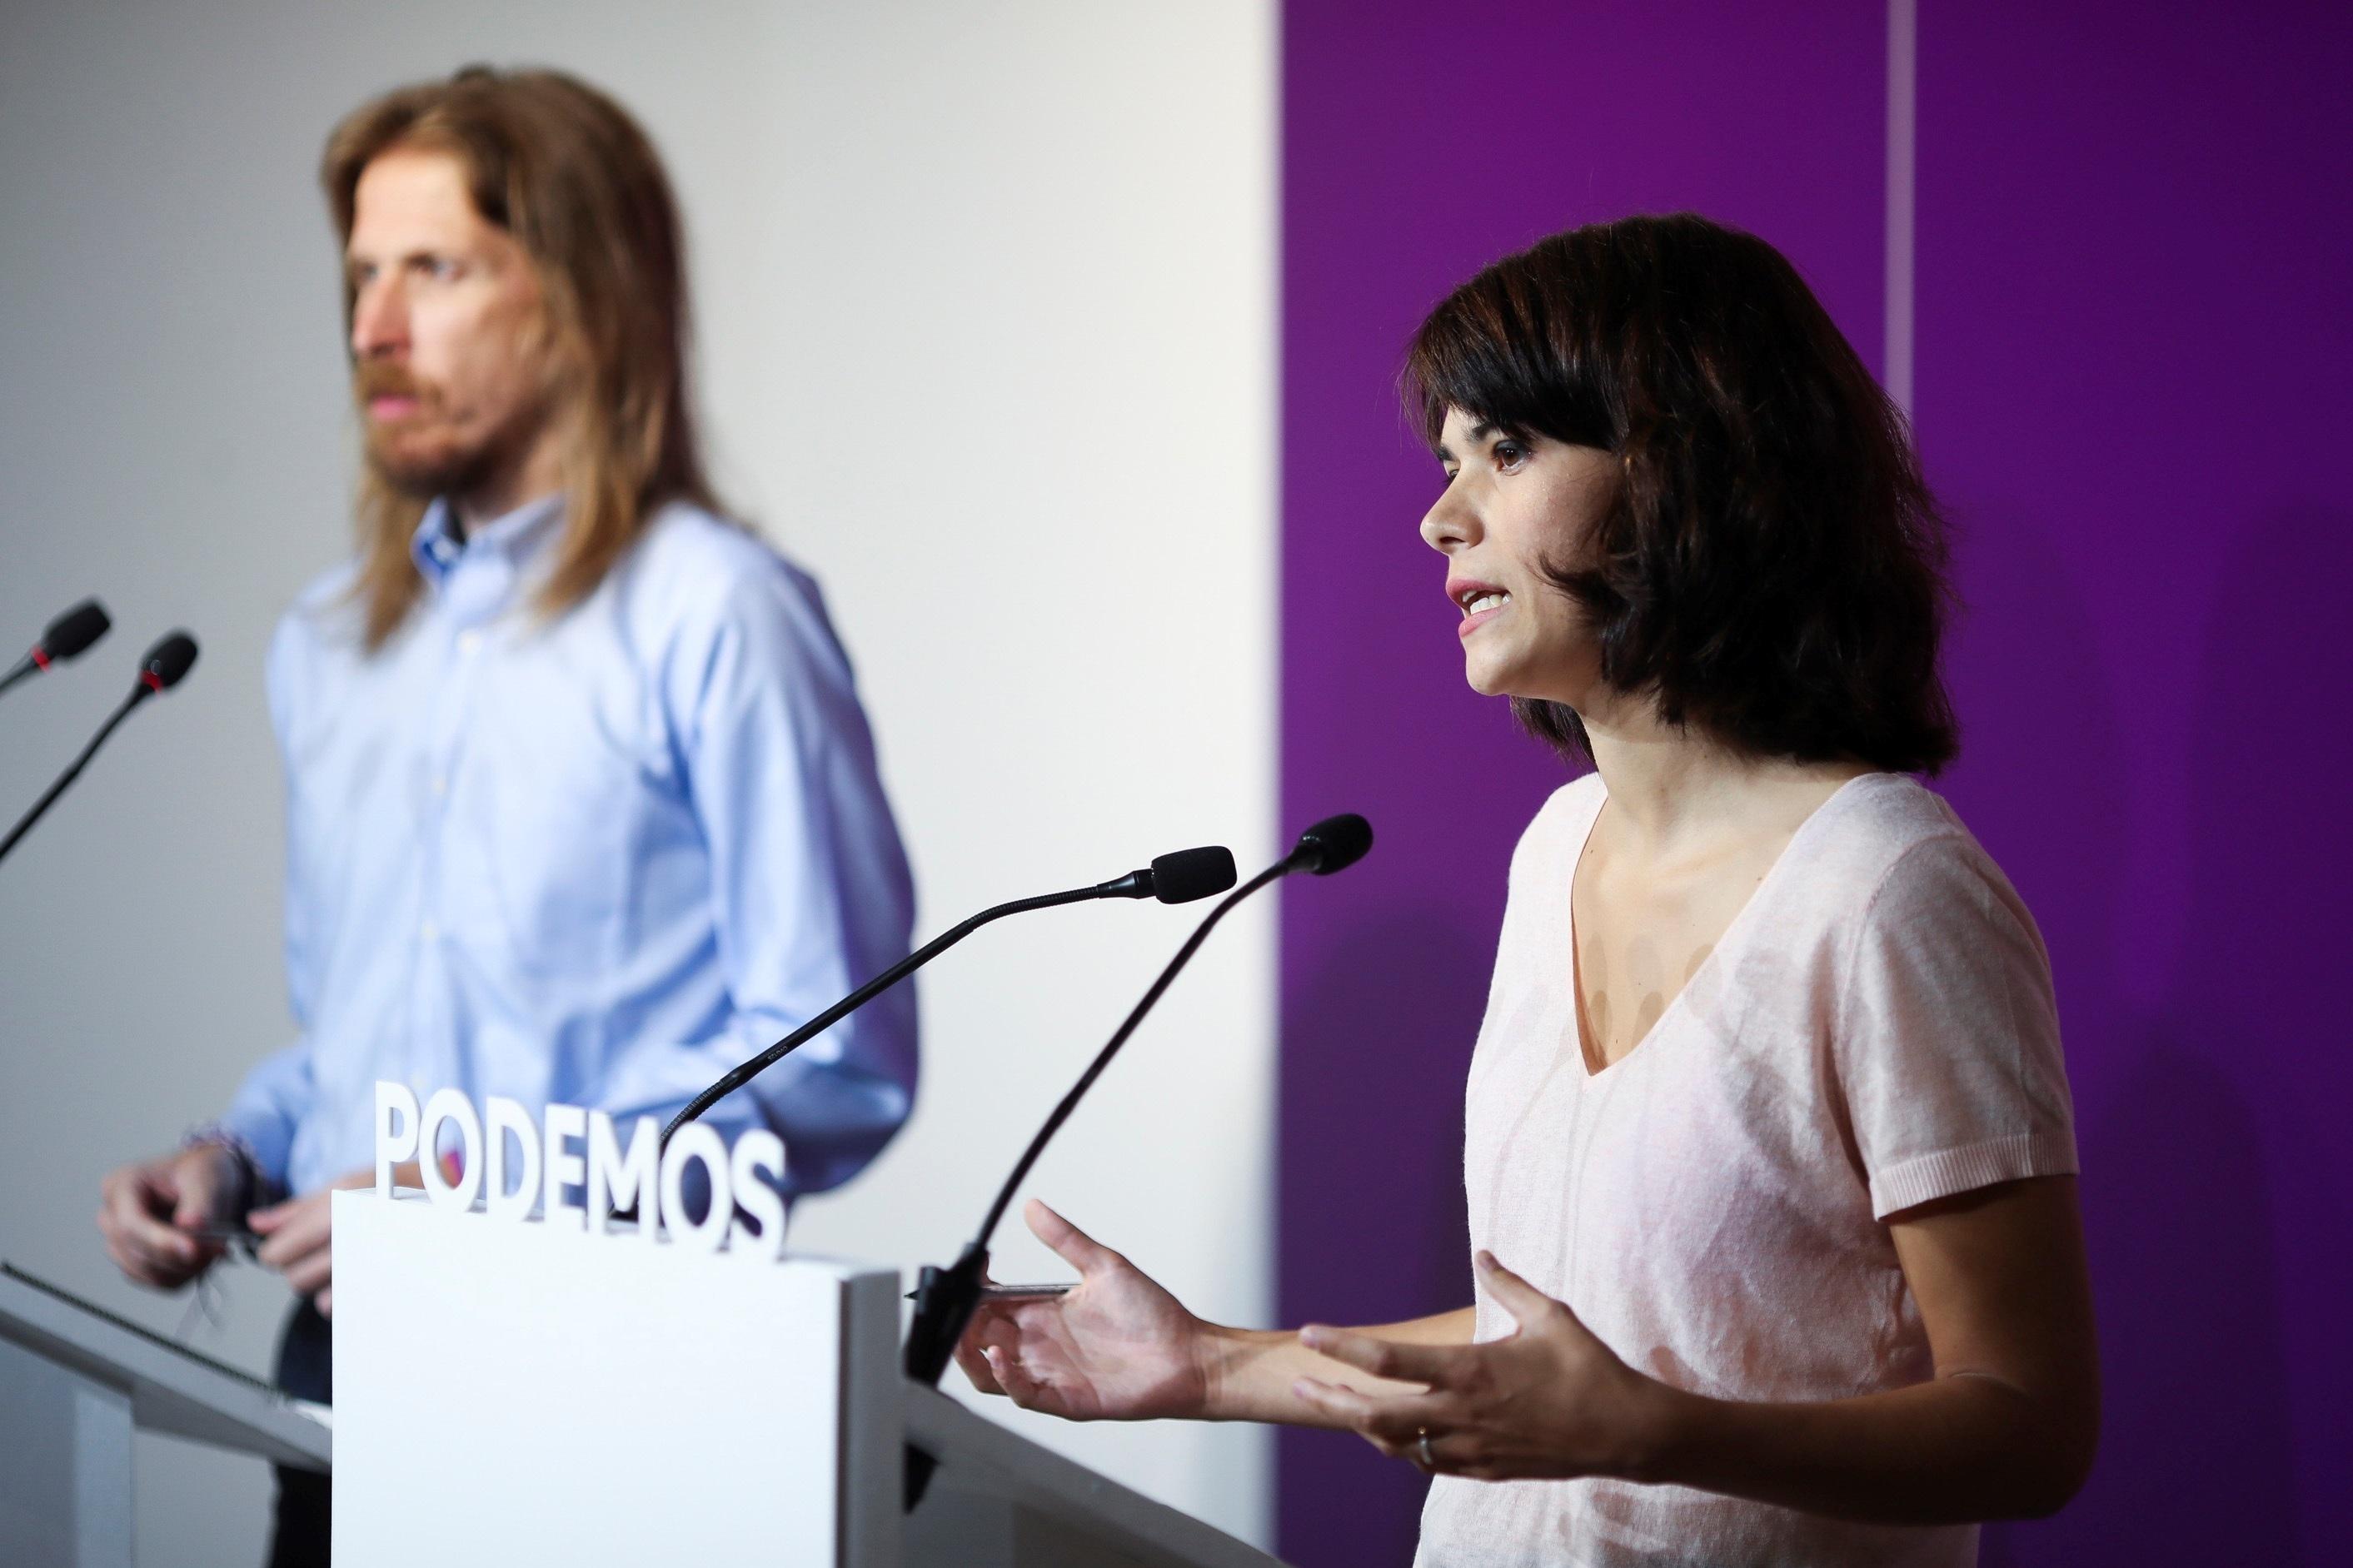 Le porte-parole national de Podemos, Pablo Fern